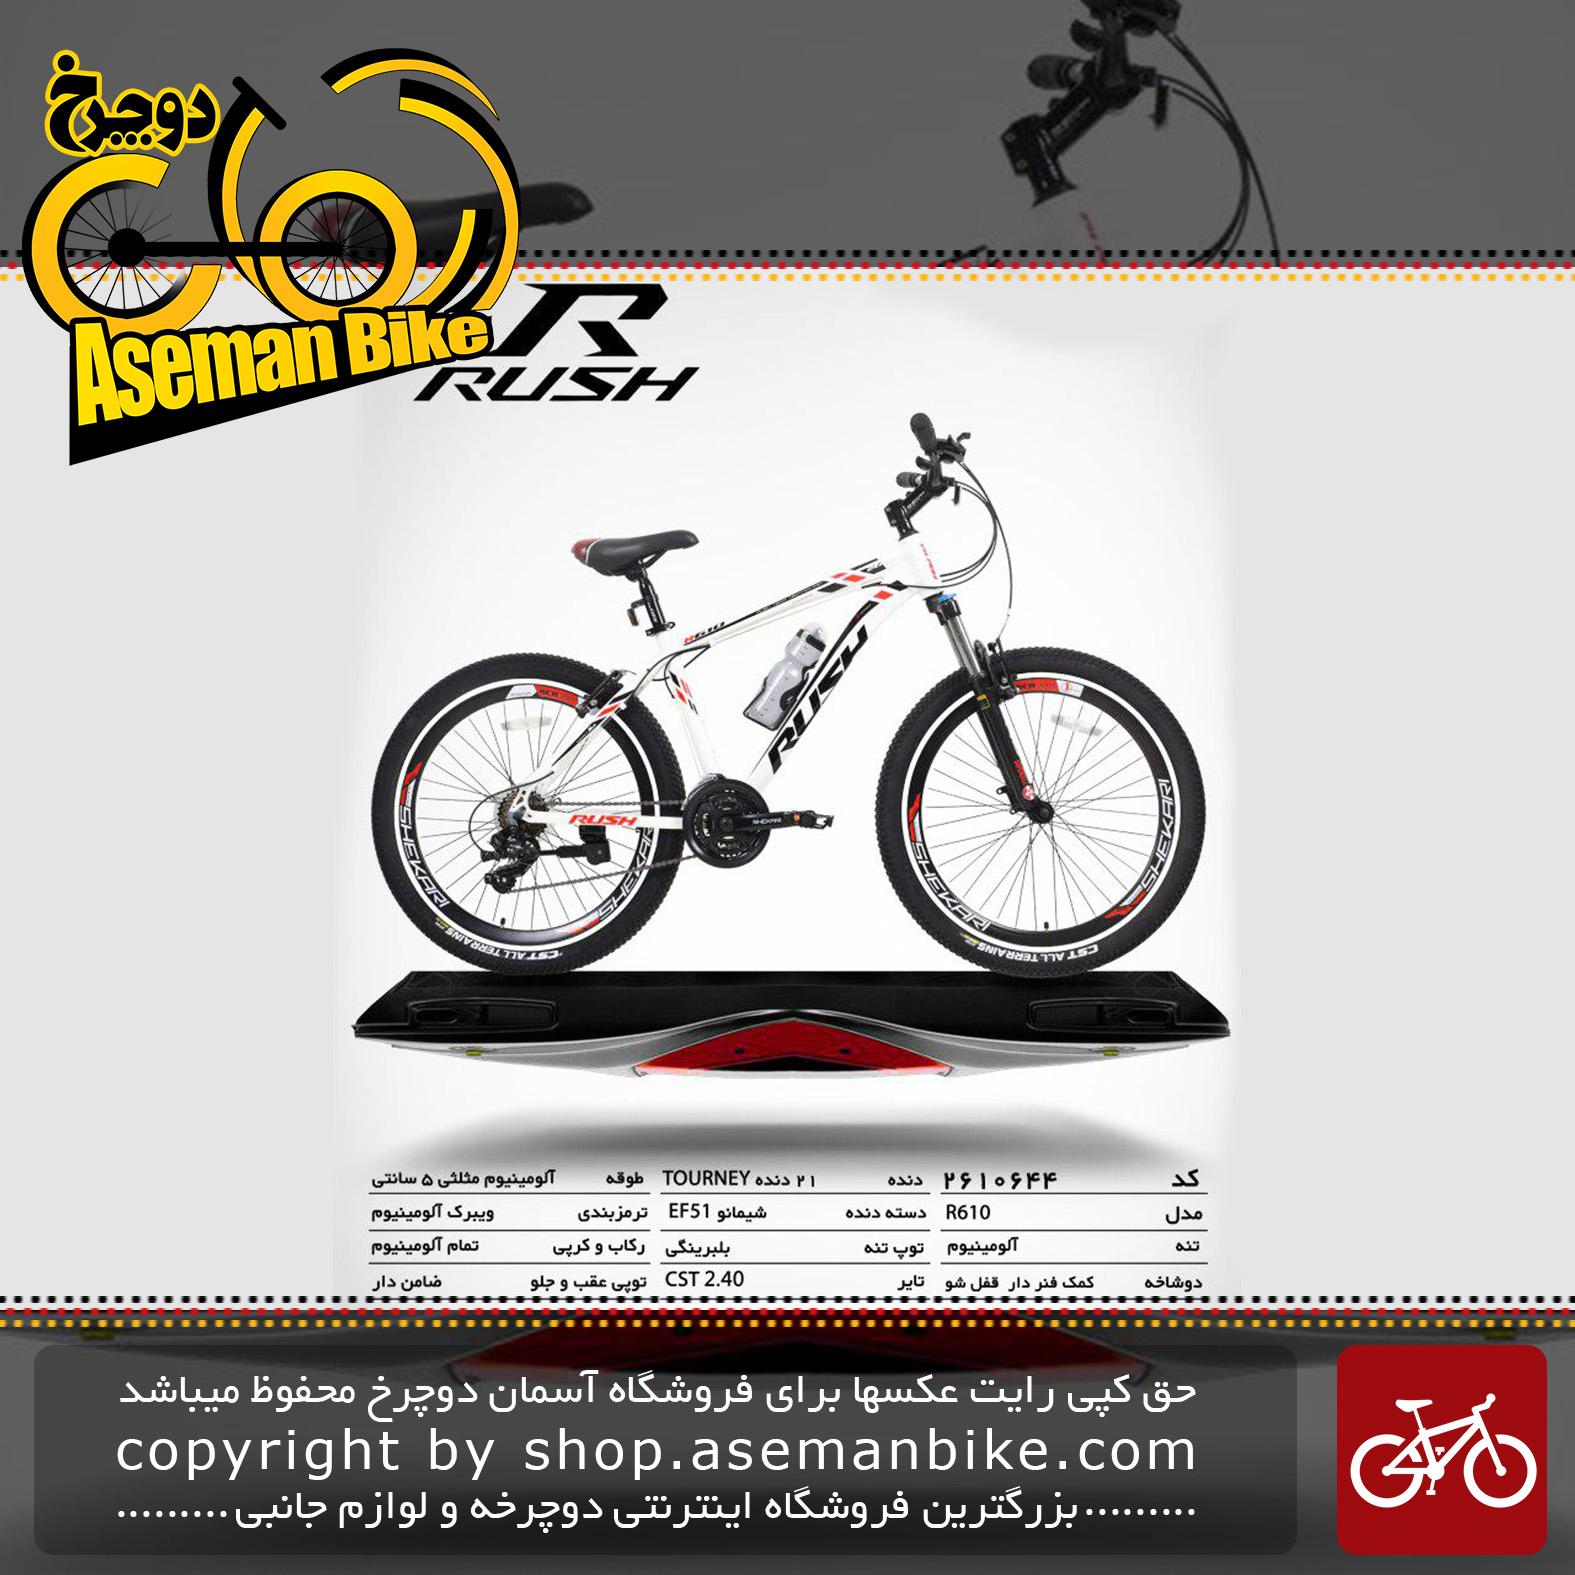 دوچرخه کوهستان شهری راش 21 دنده شیمانو تورنی مدل آر 610 سایز 26تنه آلمینیوم ساخت تایوانrush bicycle 26 21 speed shimano tourney aluminum vb r610 2019